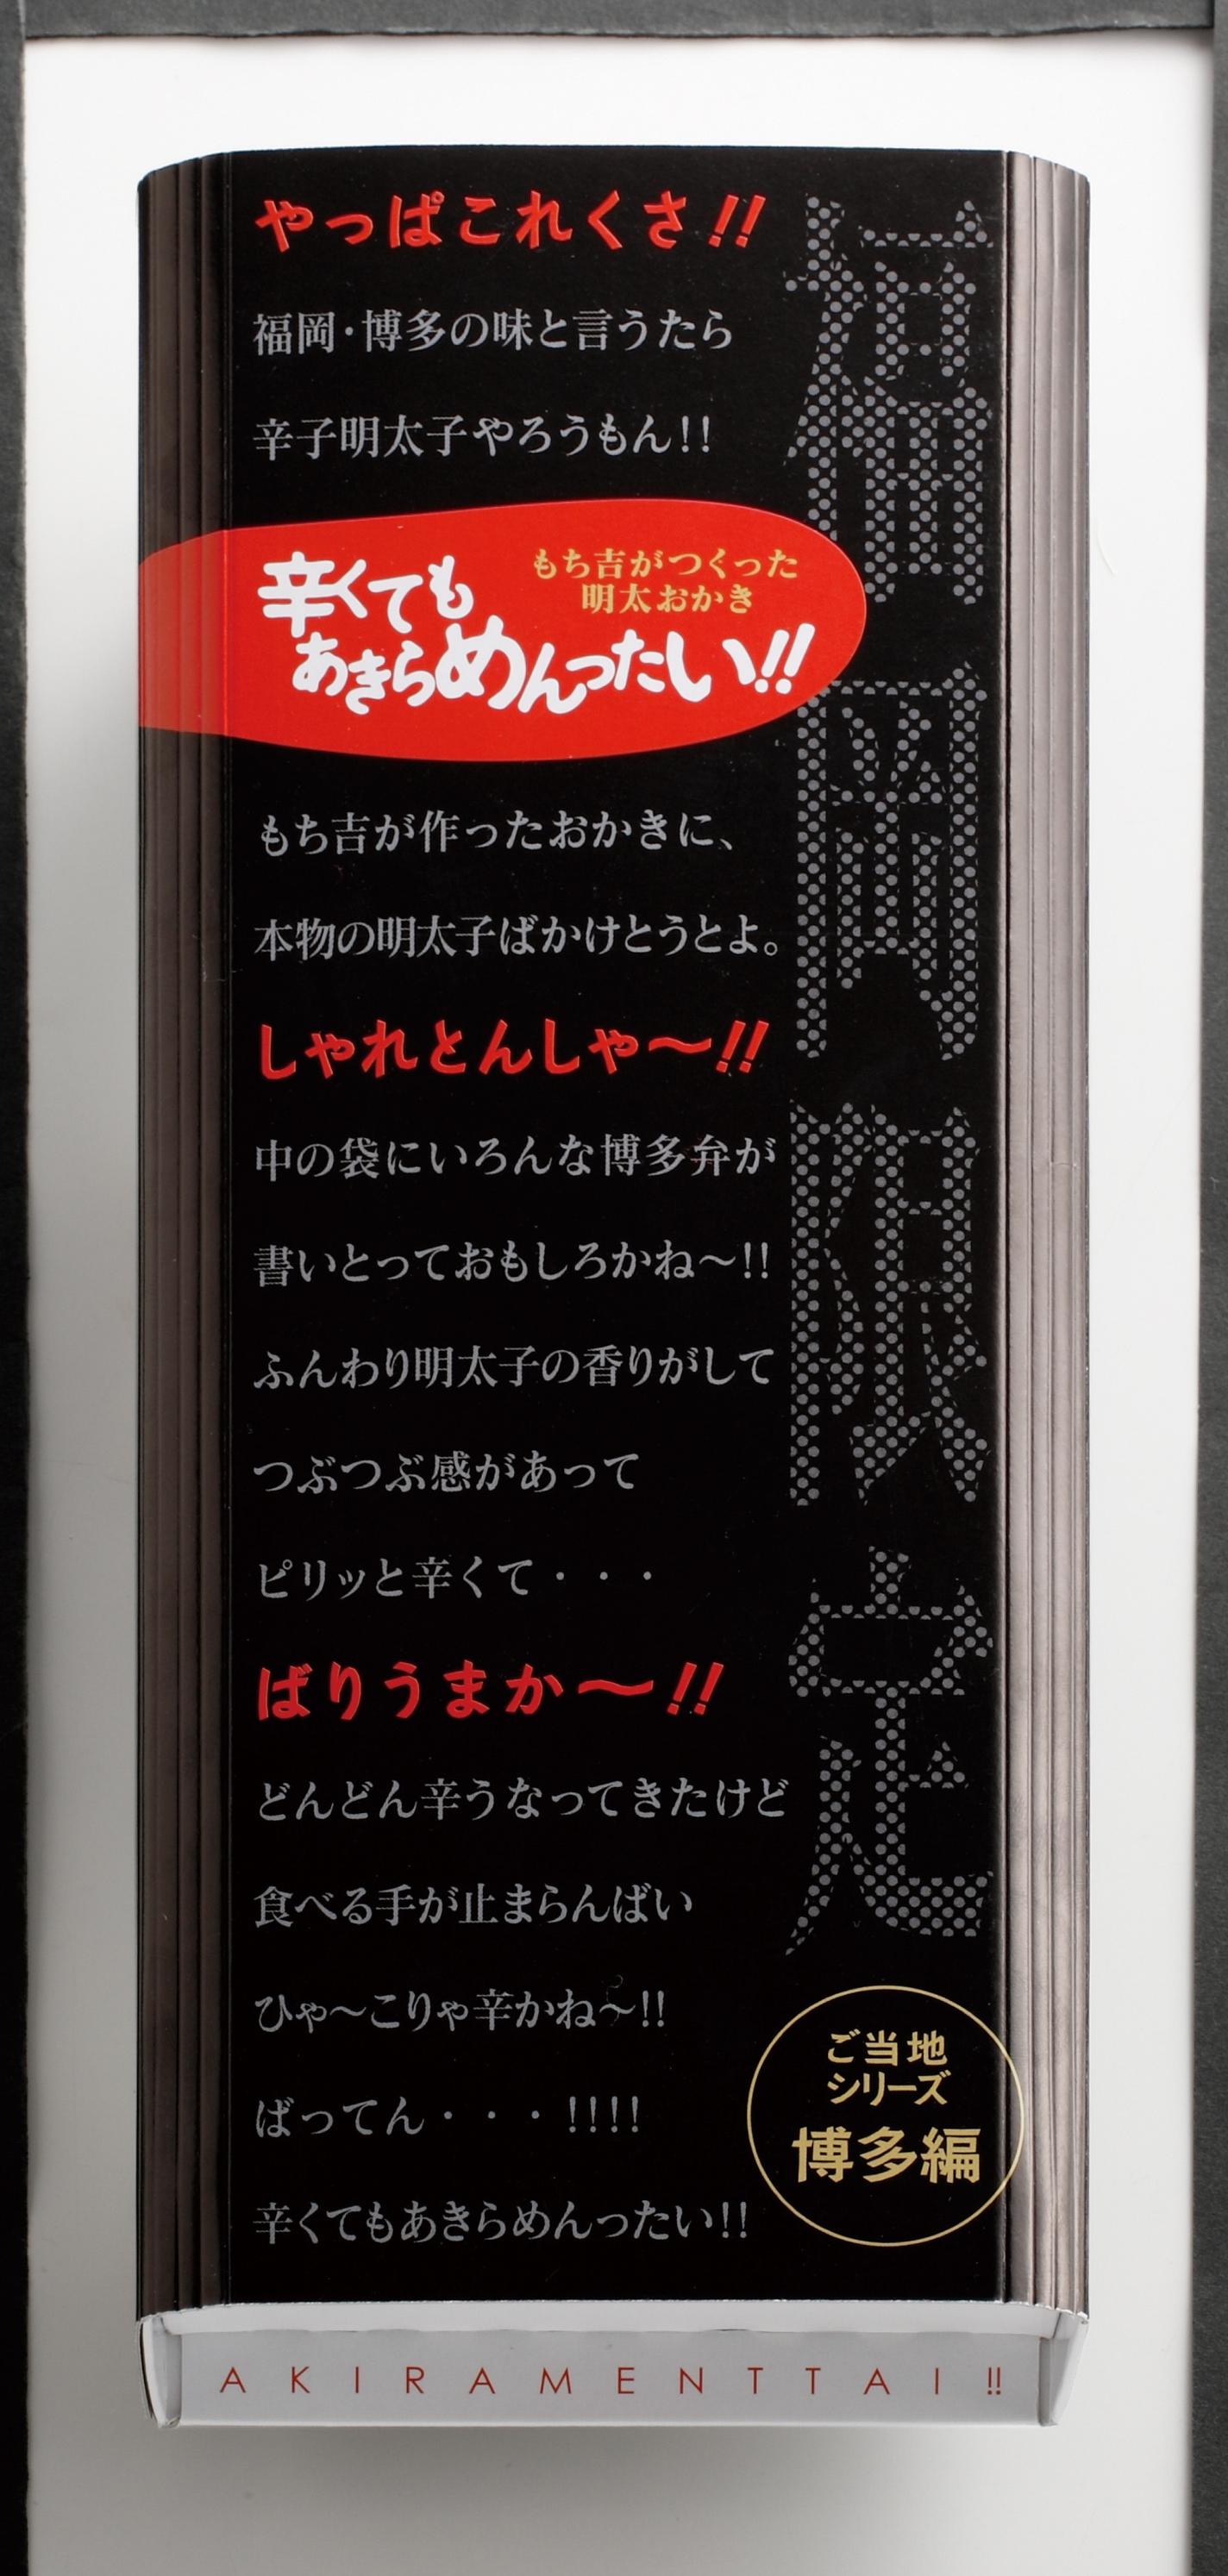 ゴールデンウィークの手土産特集《全国版2019》- 東京、京都&大阪、北海道、沖縄、名古屋、九州など各地で人気のお土産まとめ_30